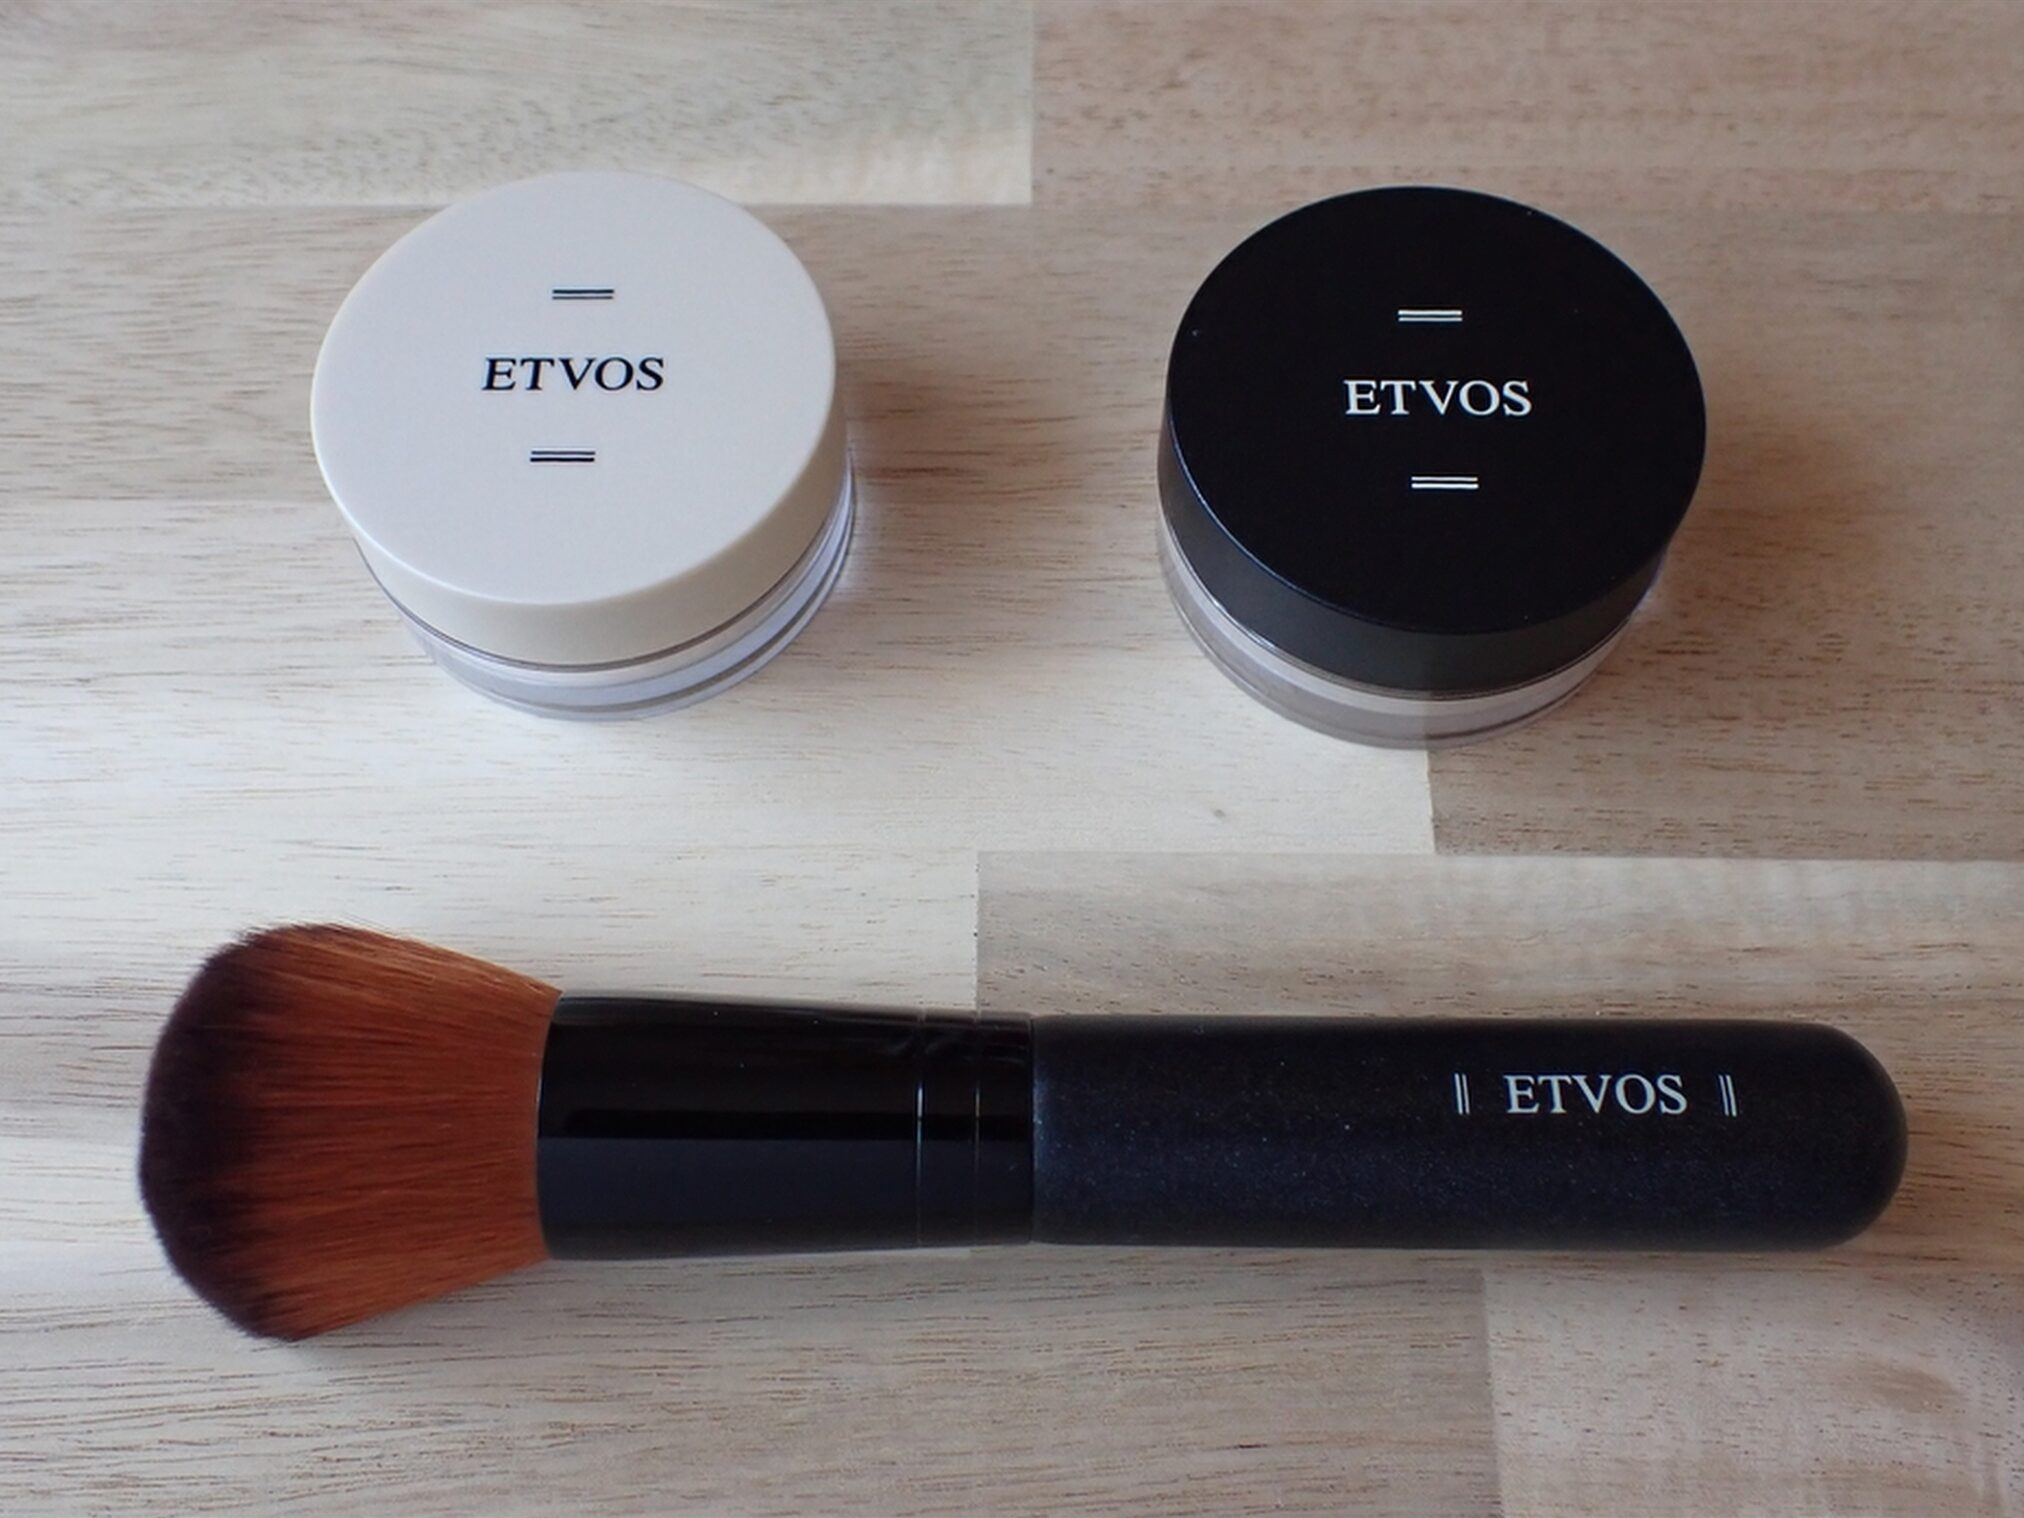 エトヴォス ETVOS パーフェクトキット 本品約12.5cmのフェイスカブキブラシ1本がついているので今すぐミネラルメイクを始めることができます